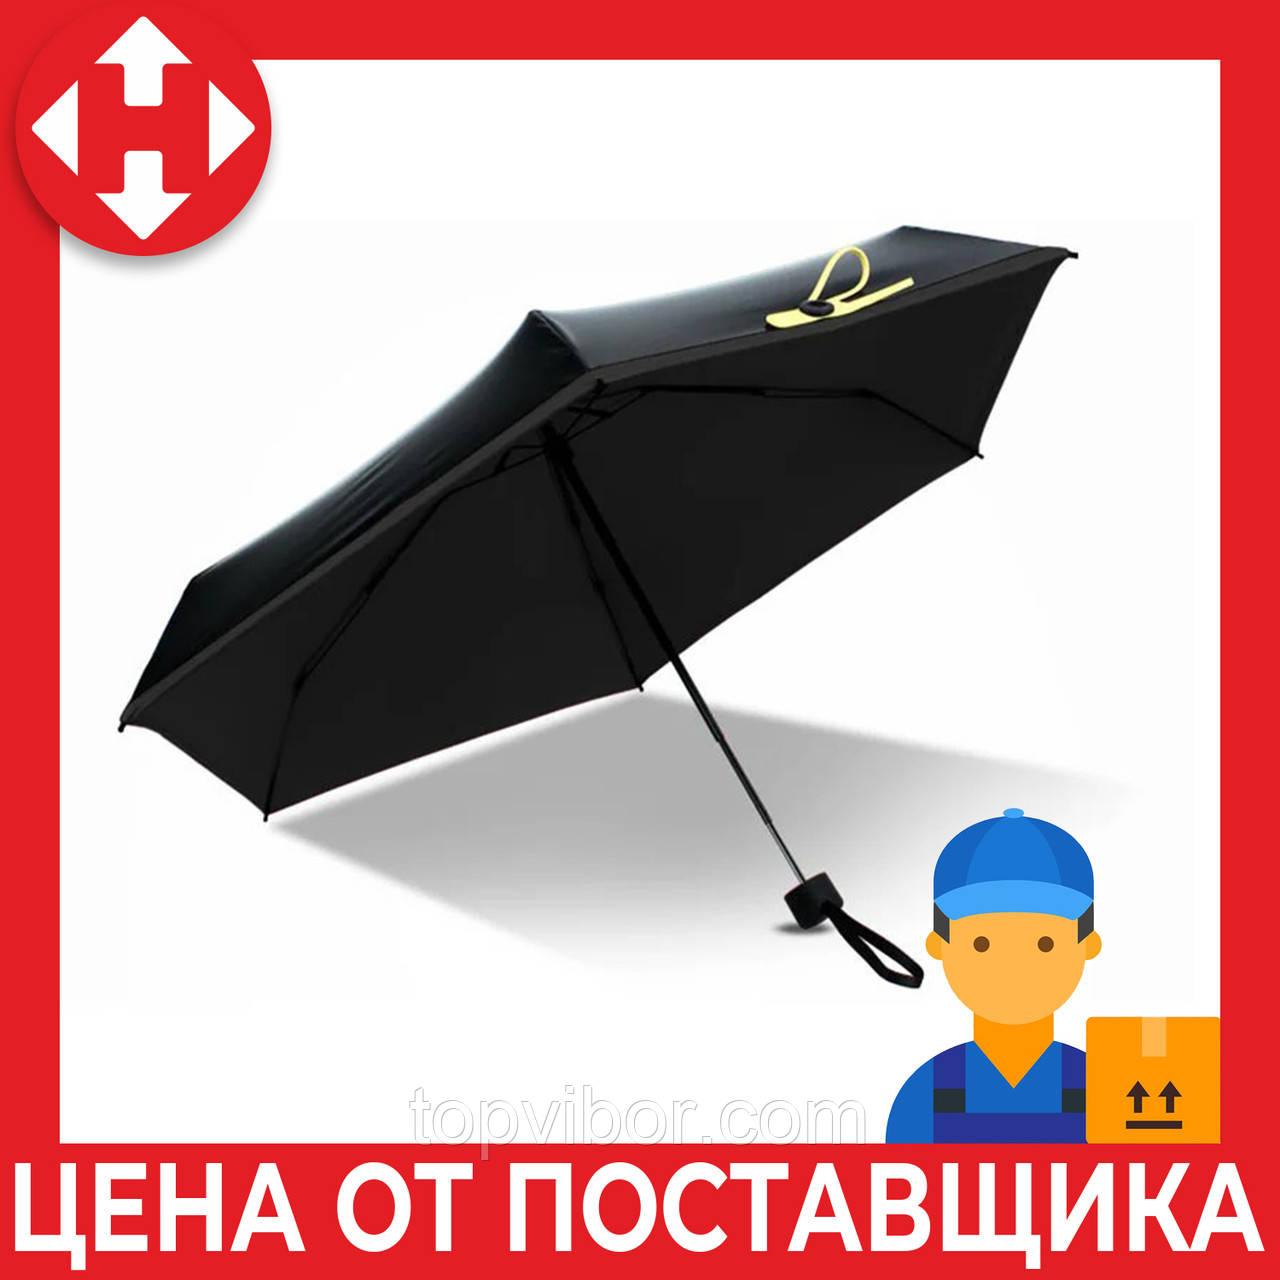 Универсальный карманный зонт Pocket Umbrella - чёрный